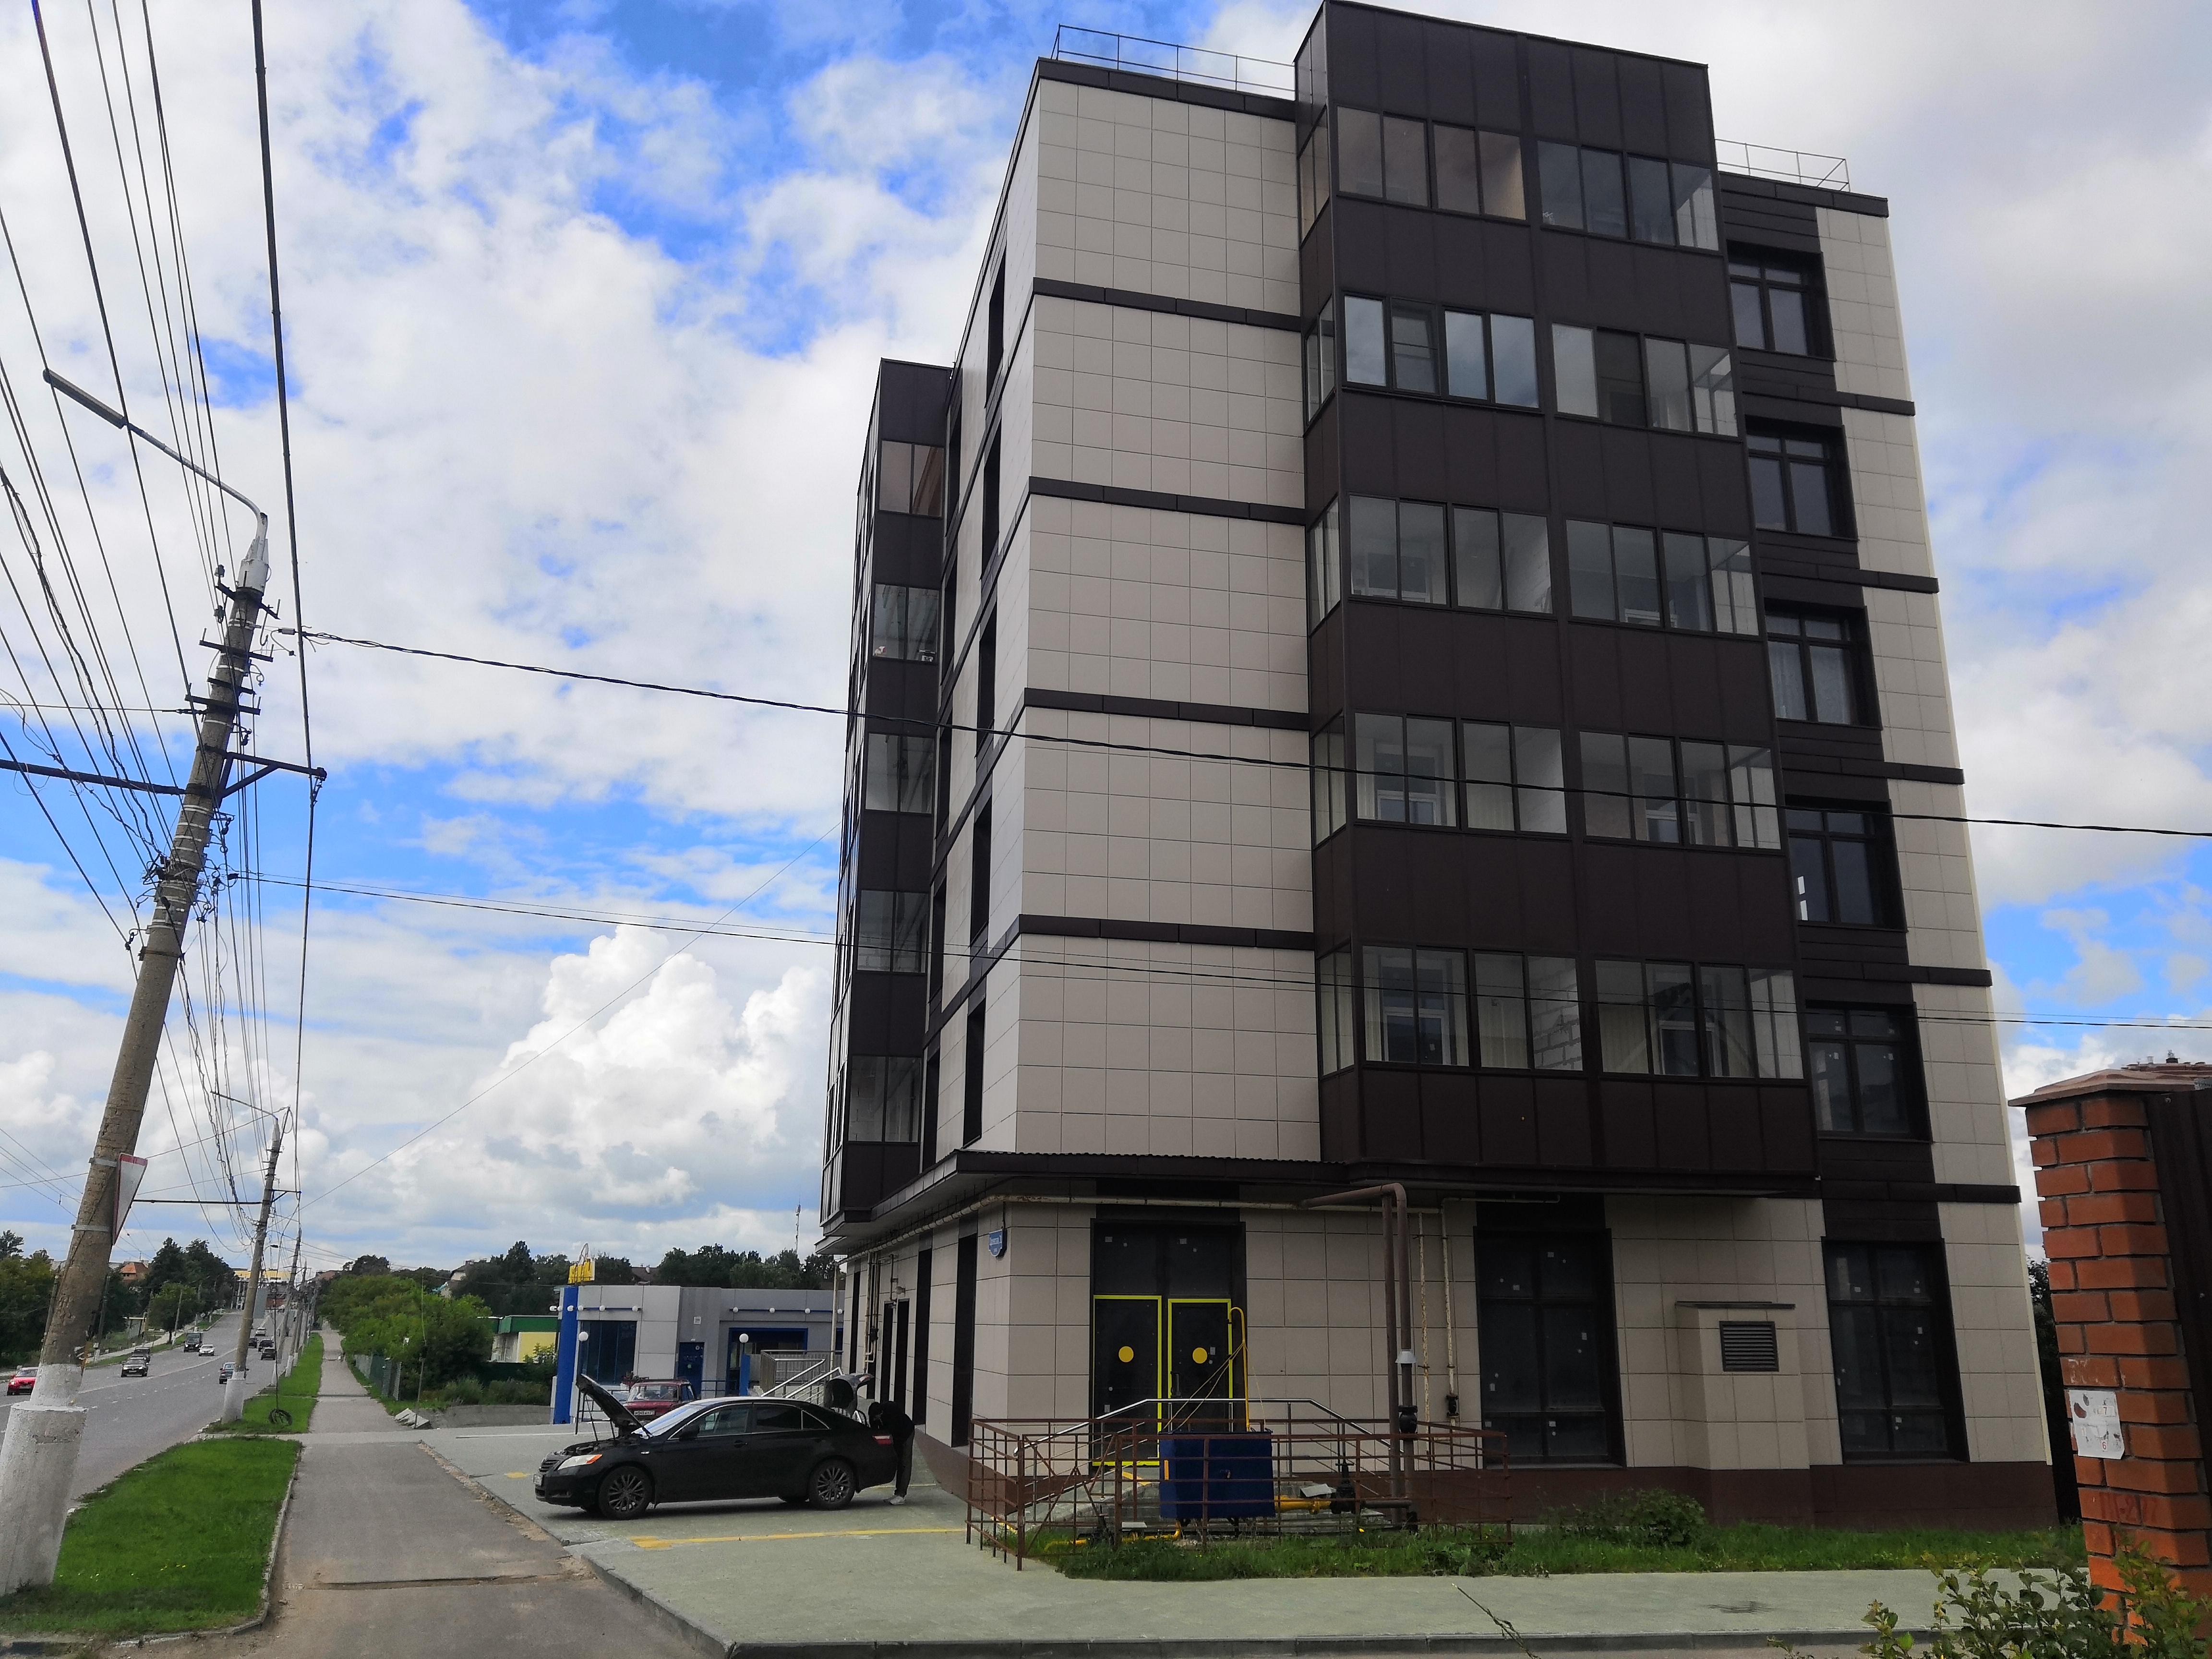 Фото жилого дома по улице Одоевская 31 г. Тула ООО Стандарт